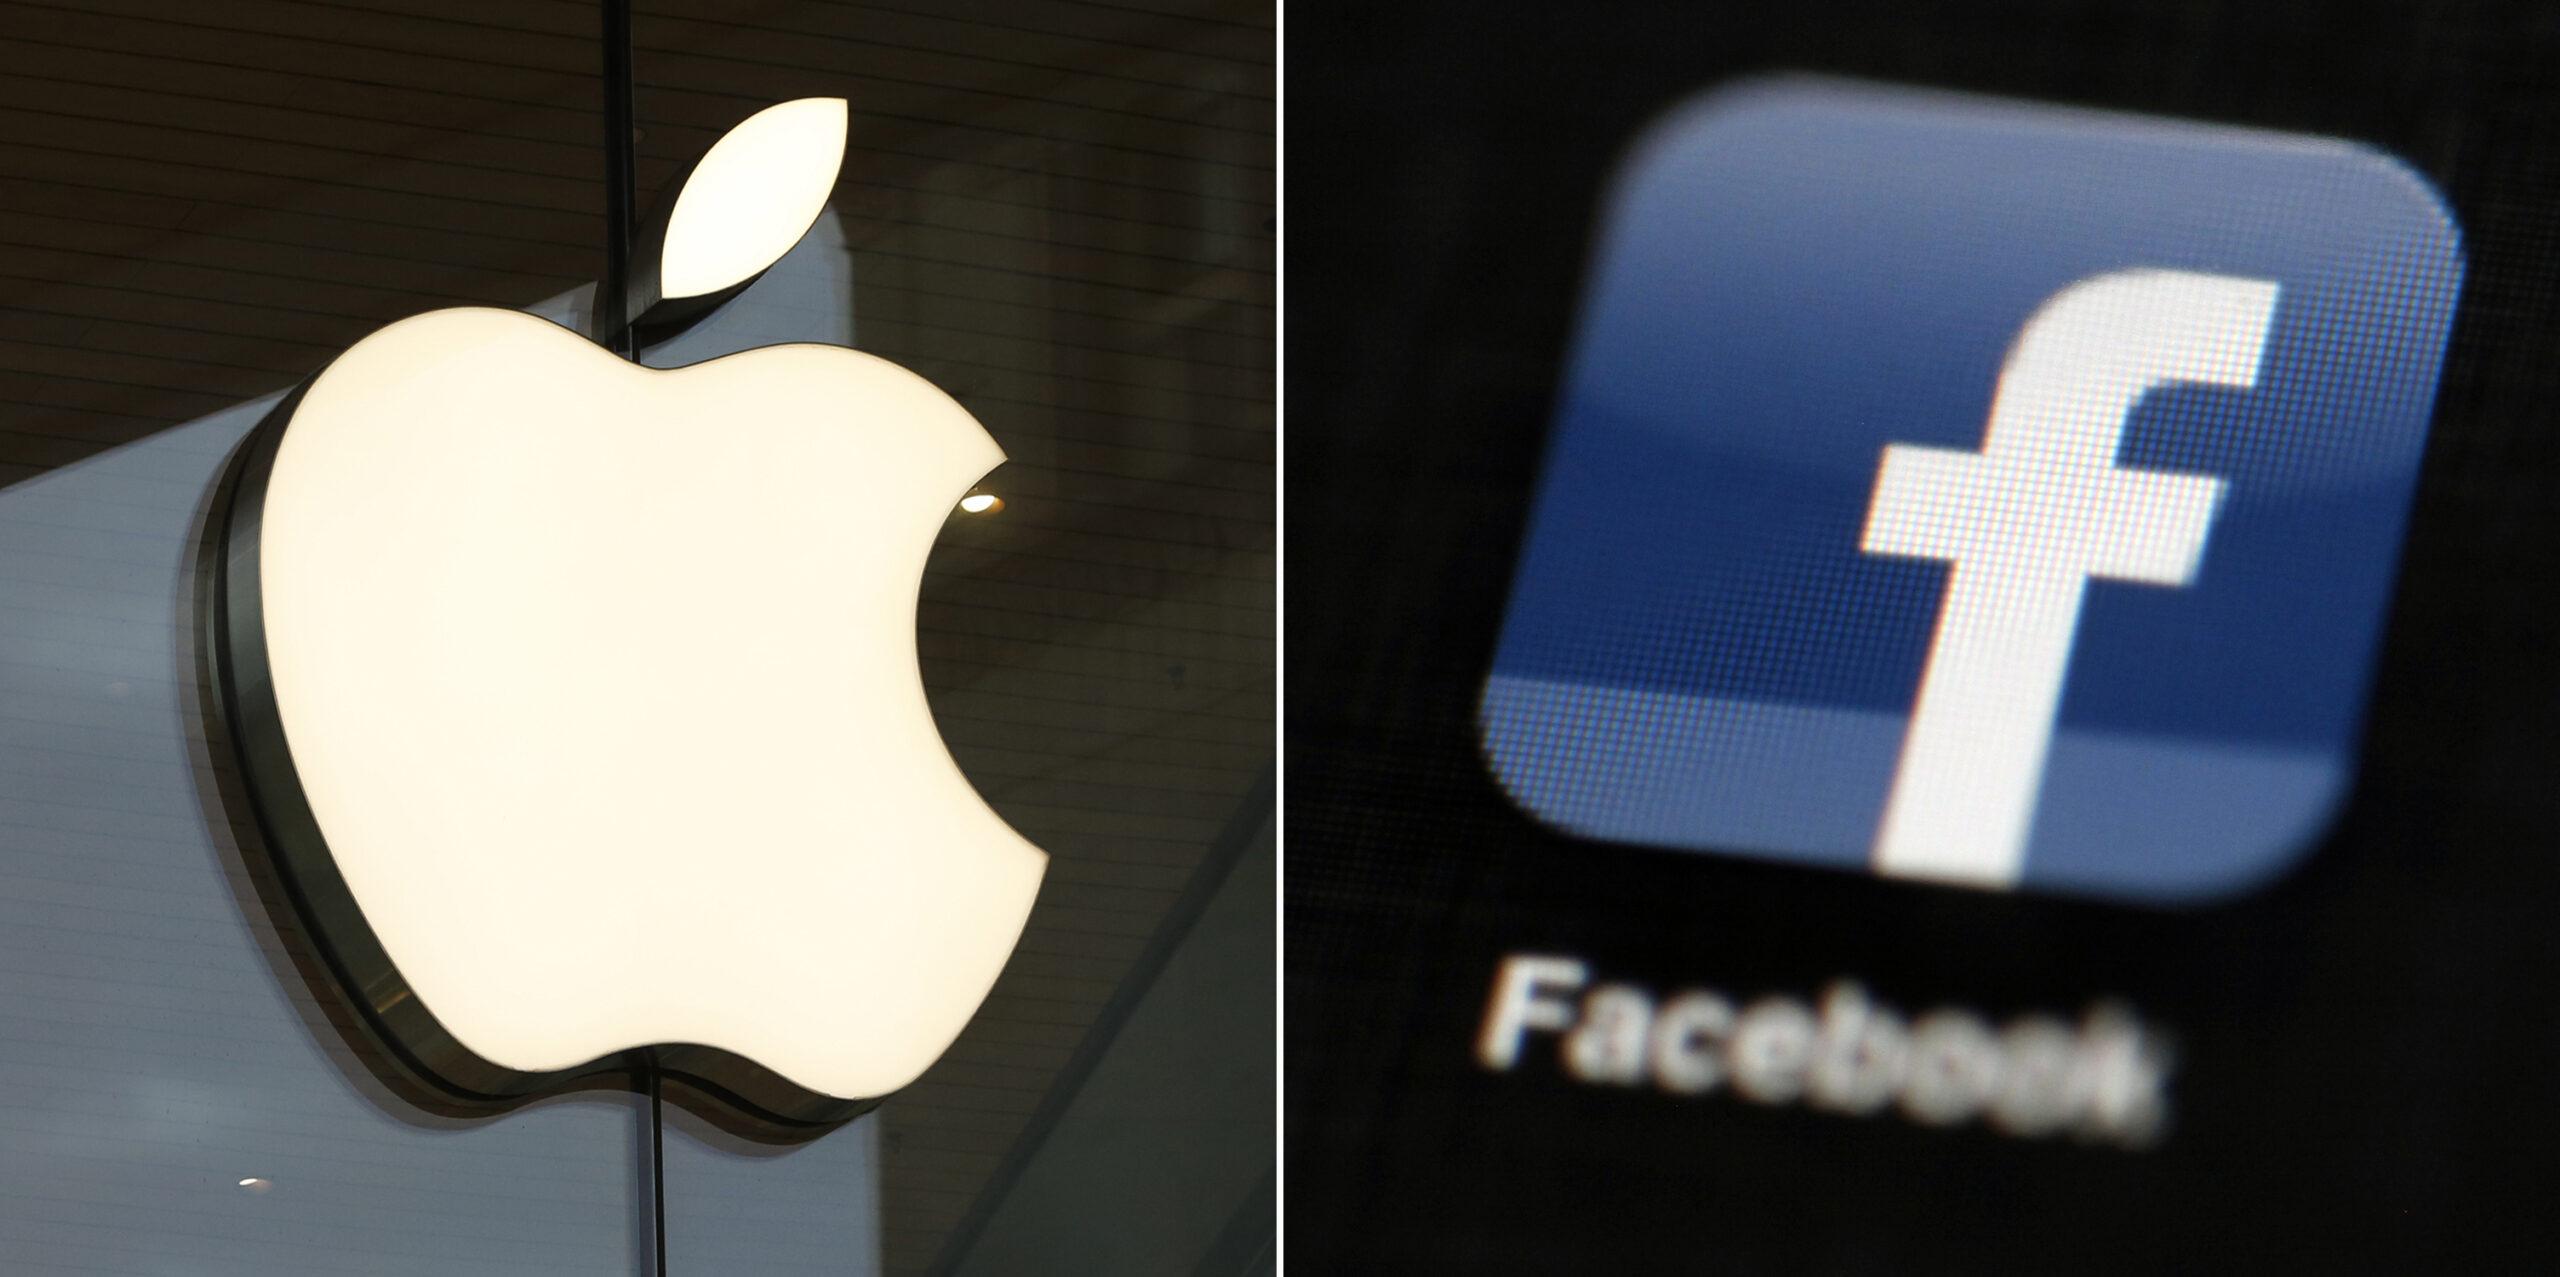 Opinião sobre a ameaça da Apple ao negócio do Facebook